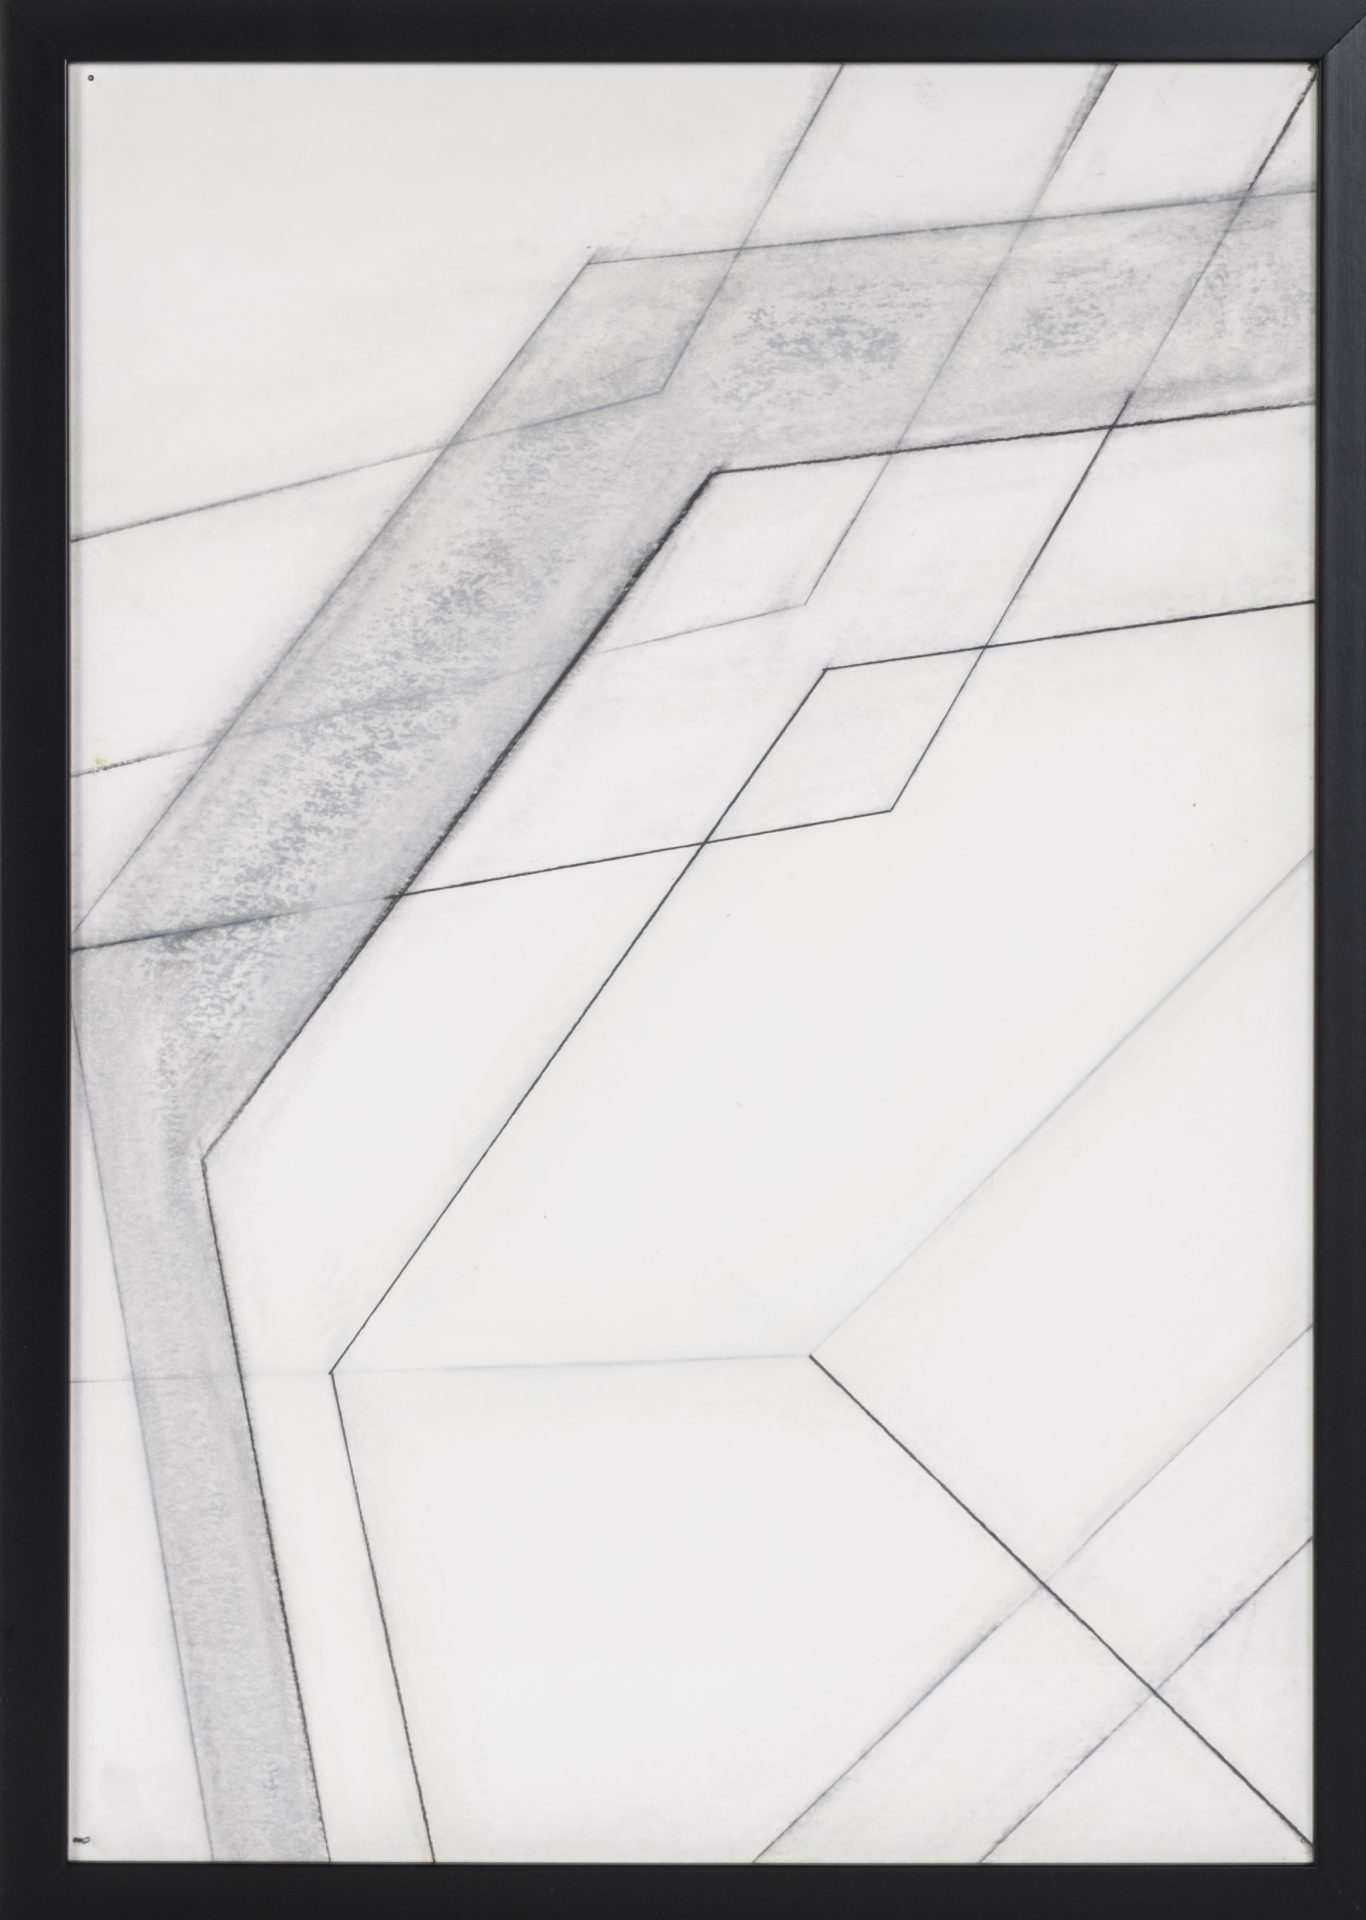 Unlimited in Dynamo<br>RMR13<br>misure: 35 x 50 cm<br>tecnica: gesso a olio su carta<br>anno: 2018<br>